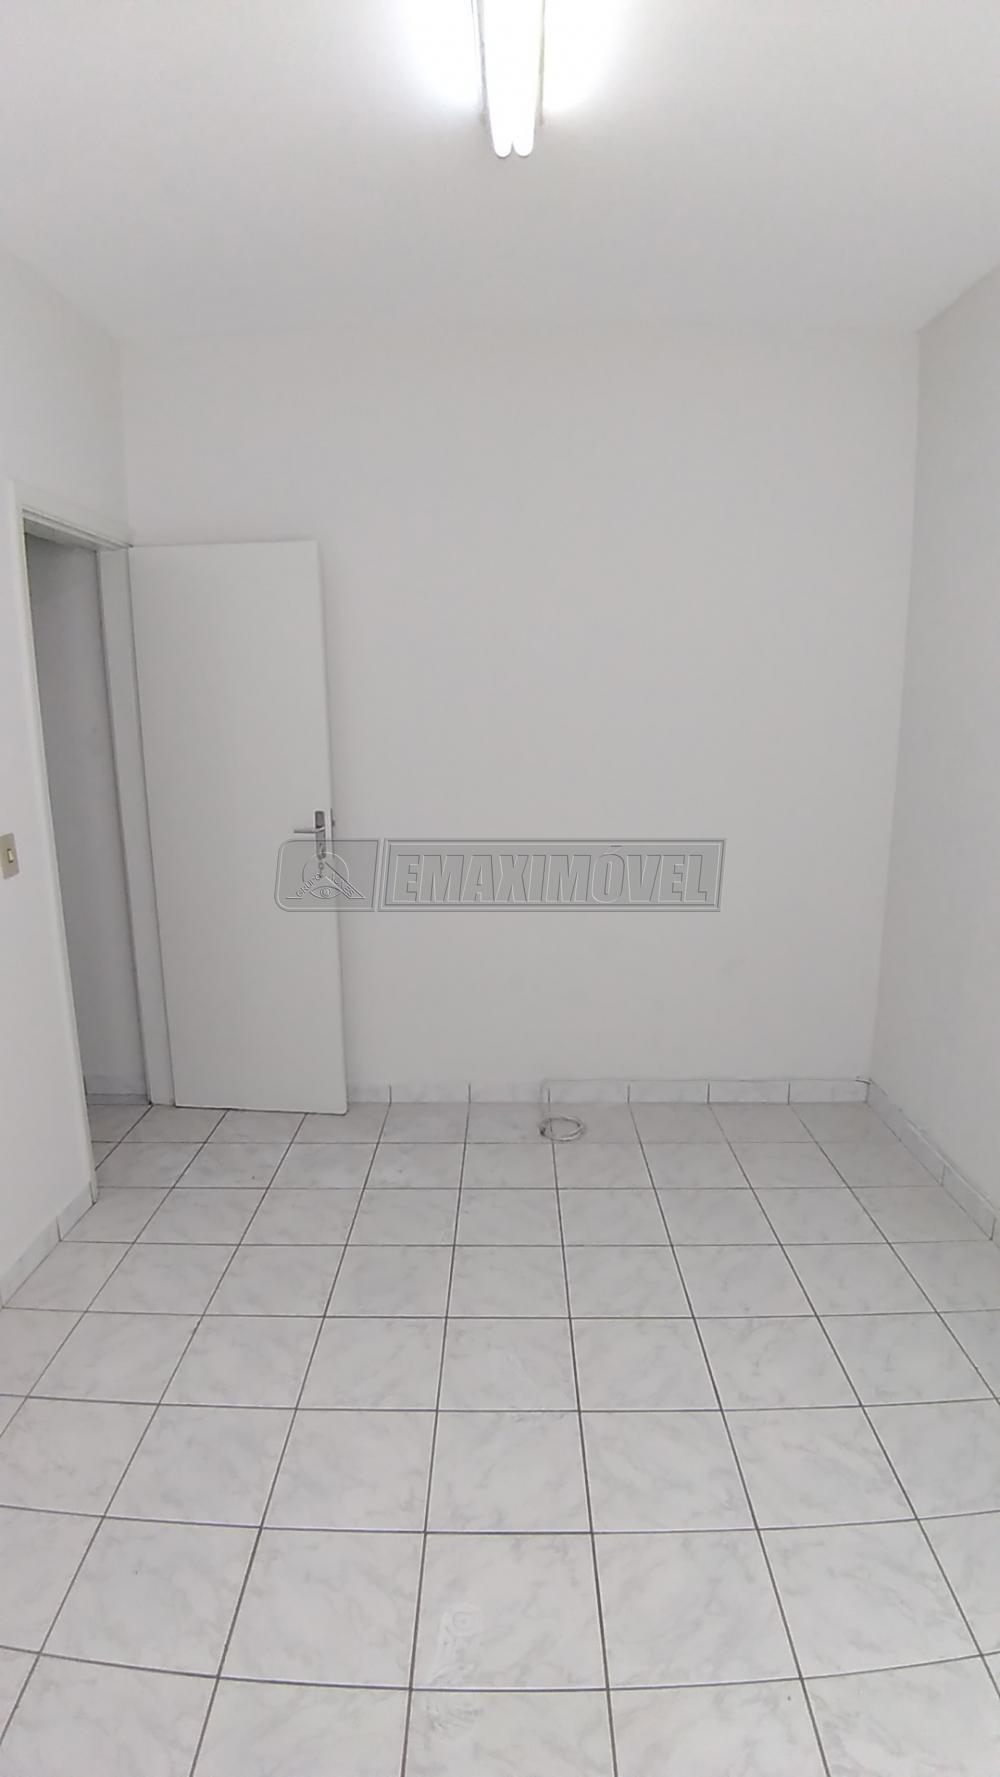 Alugar Comercial / Imóveis em Sorocaba R$ 3.000,00 - Foto 14